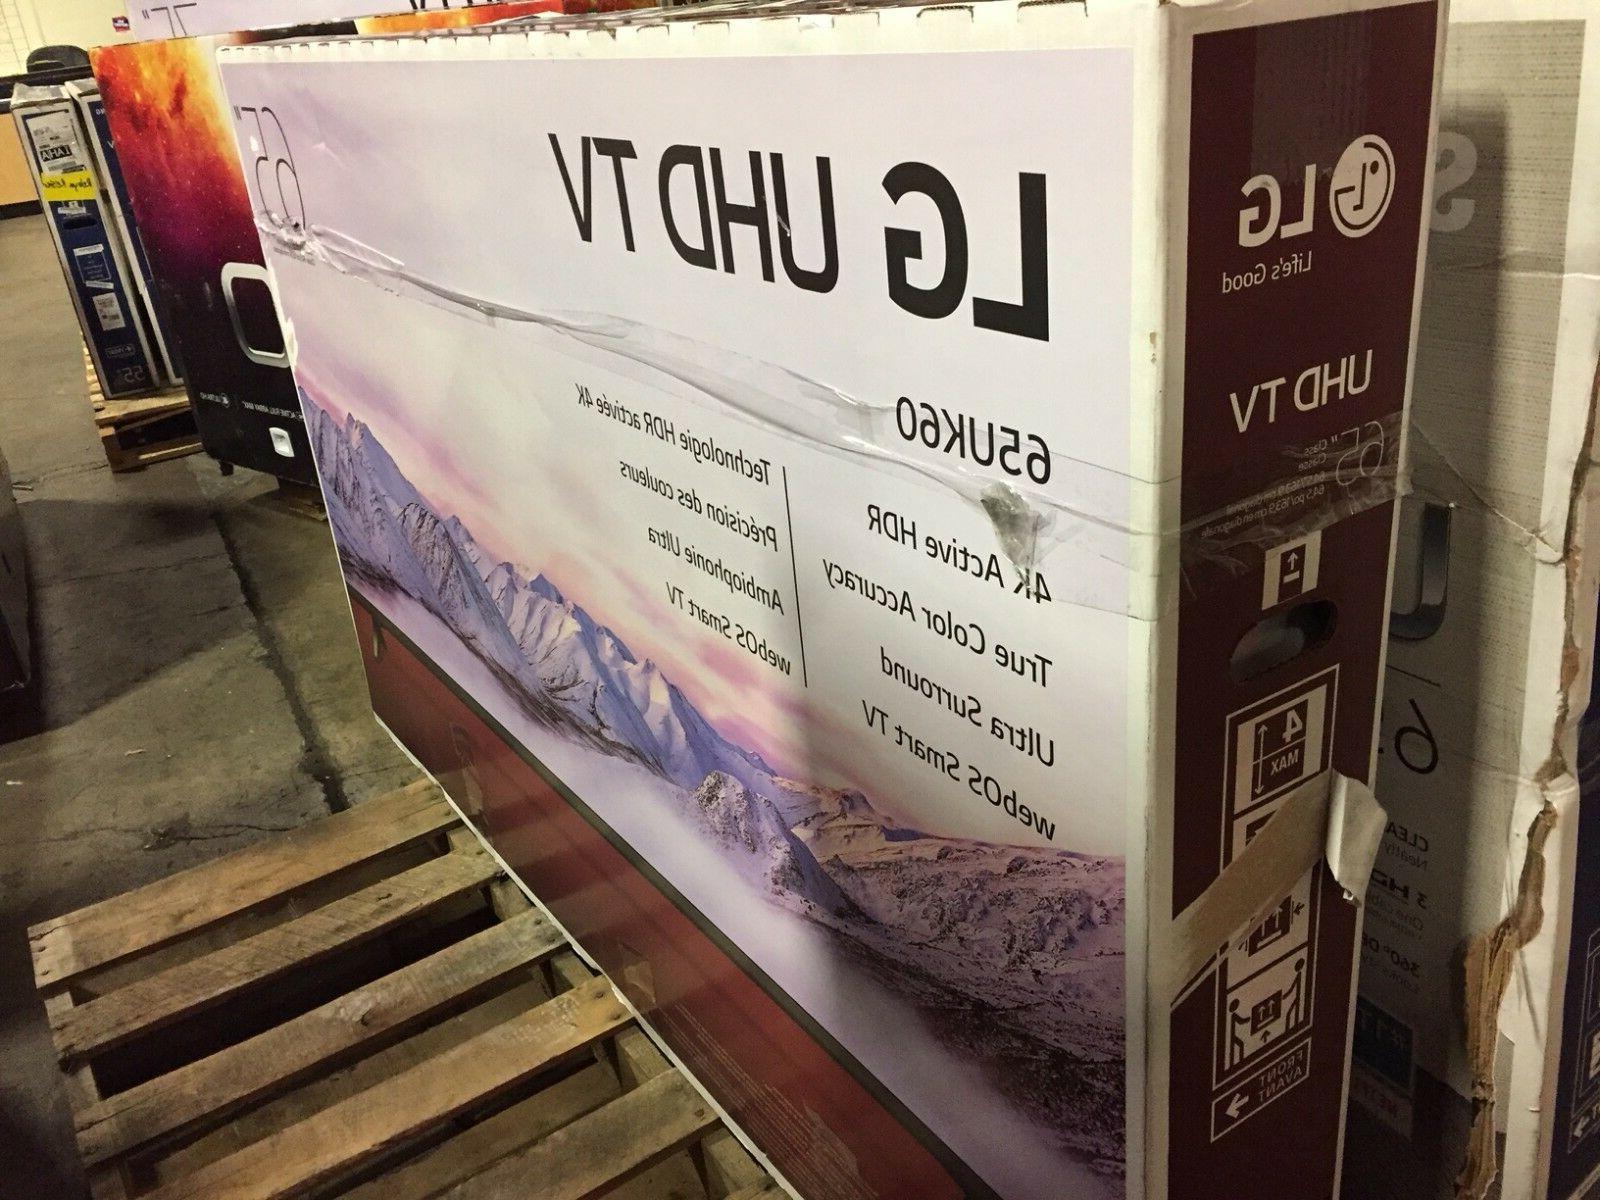 LG 65UK6090PUA 4K UHD HDR TV -